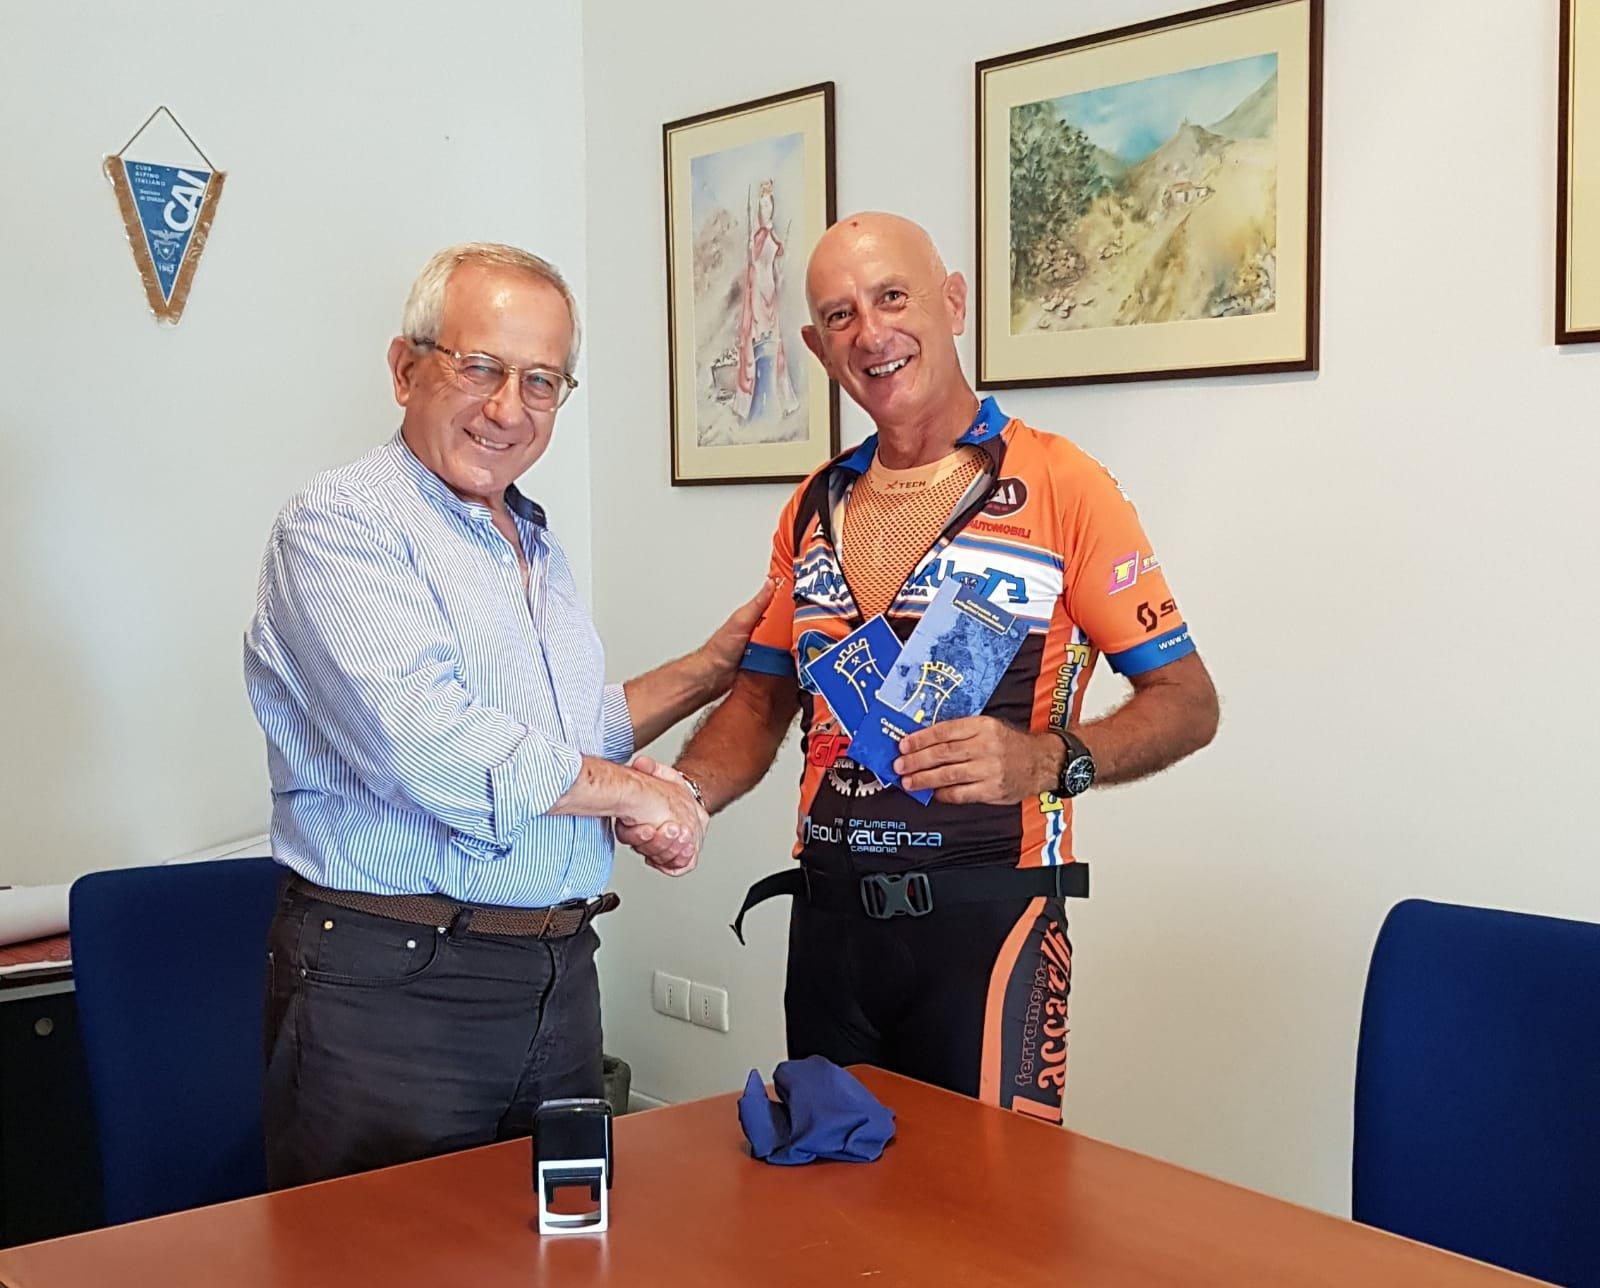 Roberto Puddu è il primo pellegrino che percorrerà la ciclovia per Mountain bike del Cammino Minerario di Santa Barbara.